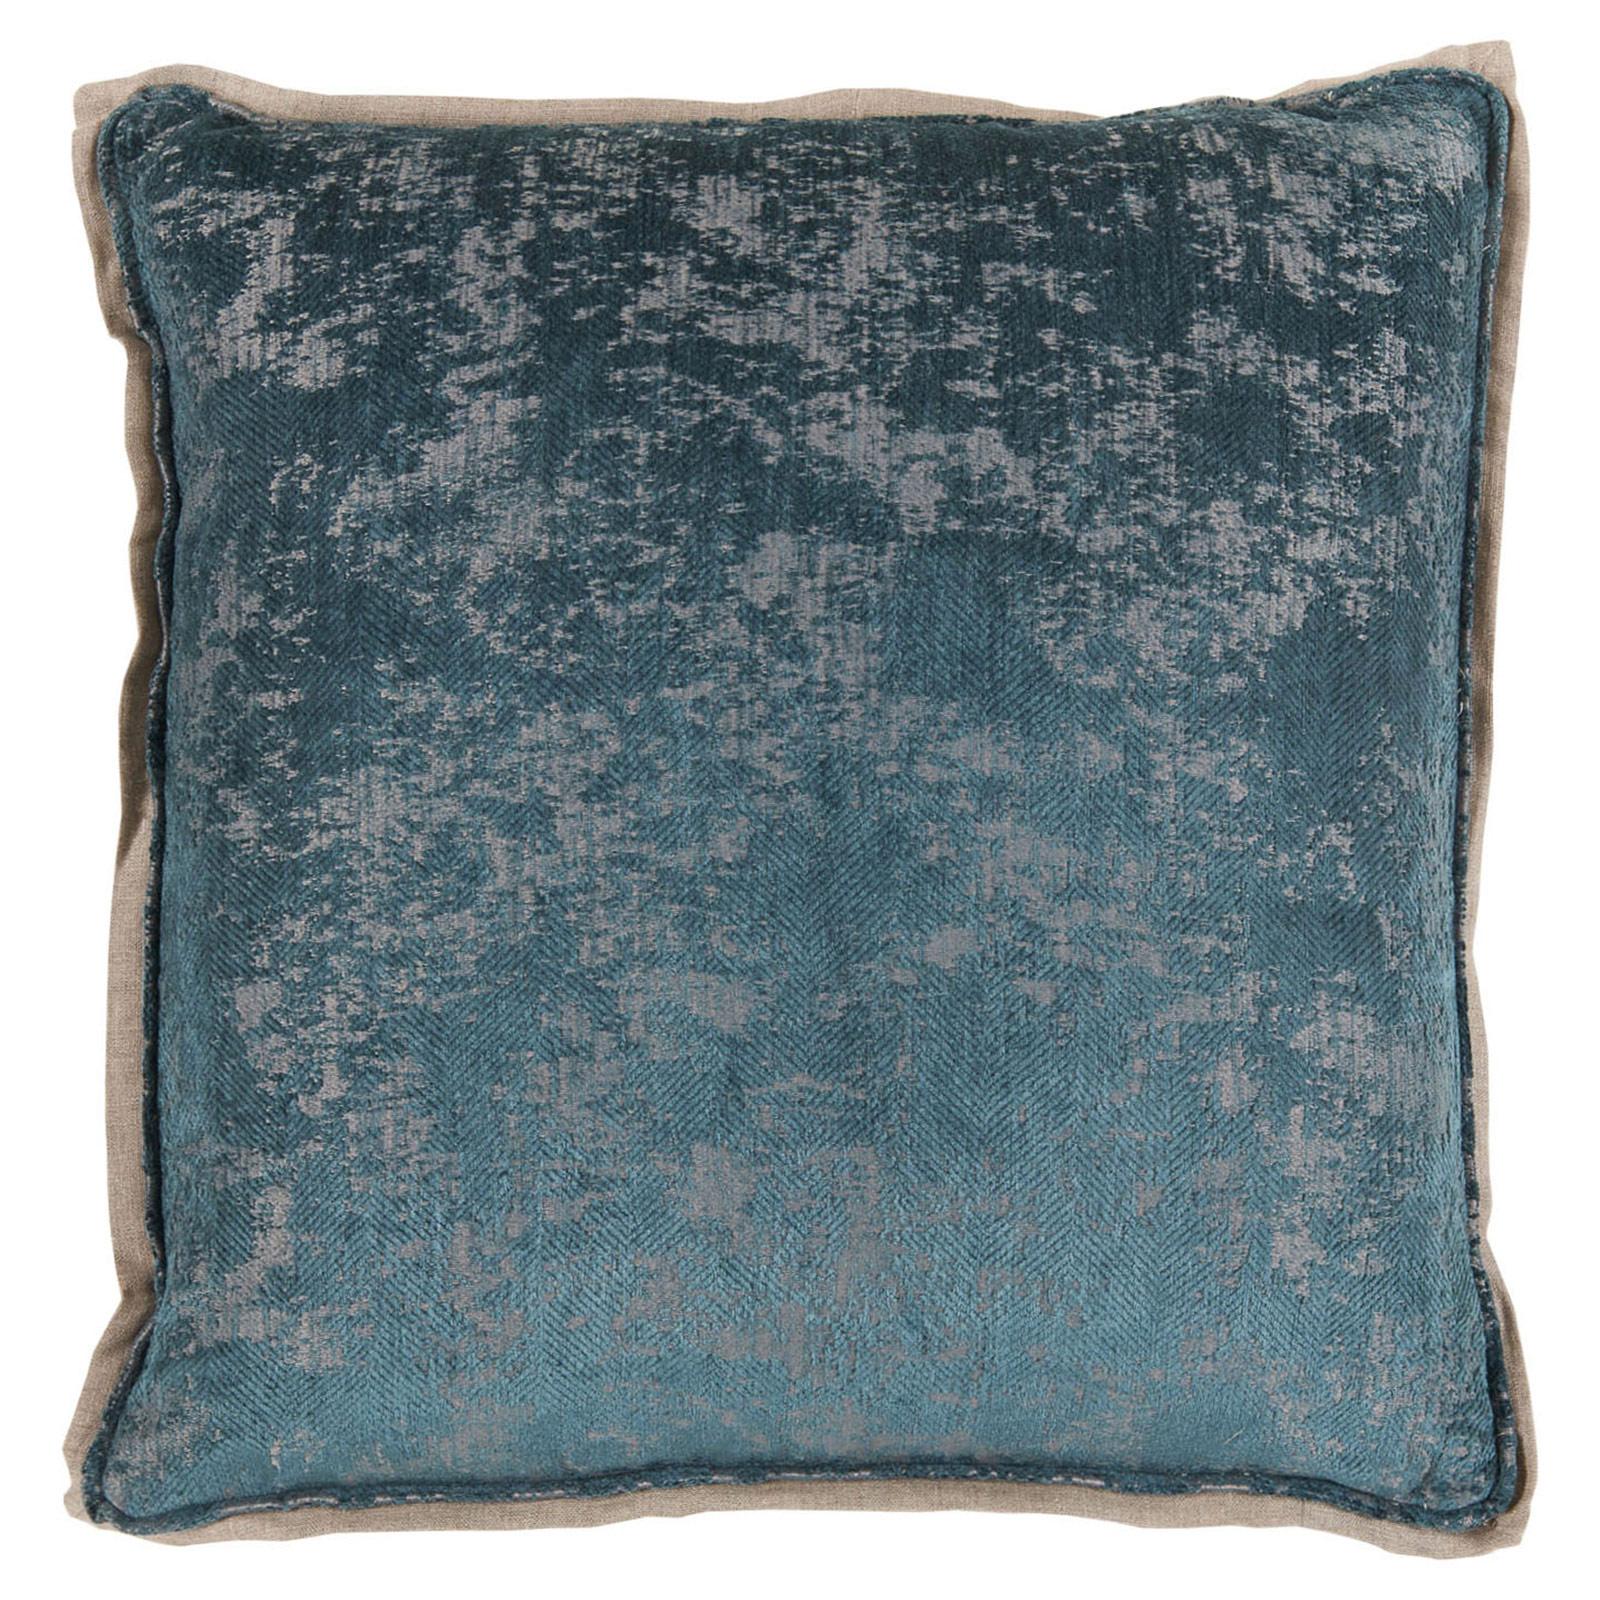 Harriet Regency Washed Herringbone Navy Pillow - 22x22